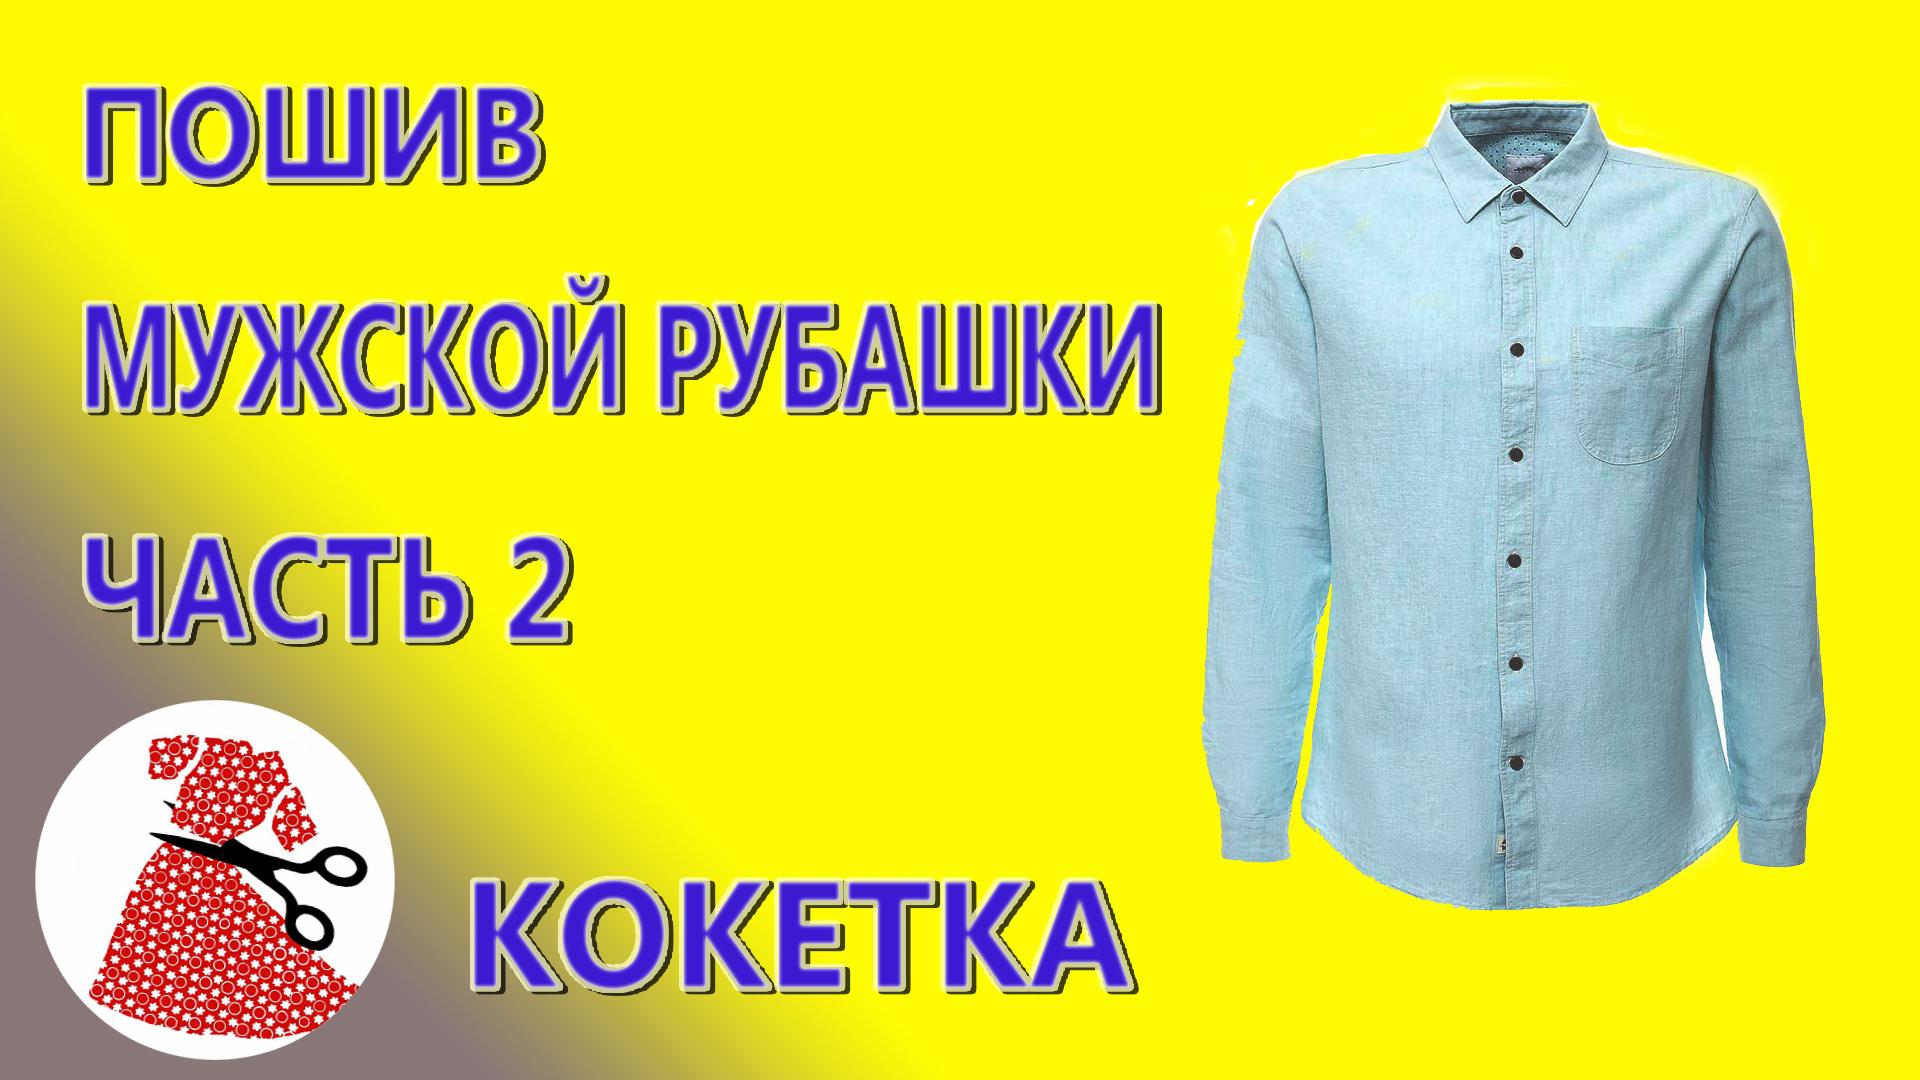 poshiv-muzhskoj-rubashki-chast-2-koketka